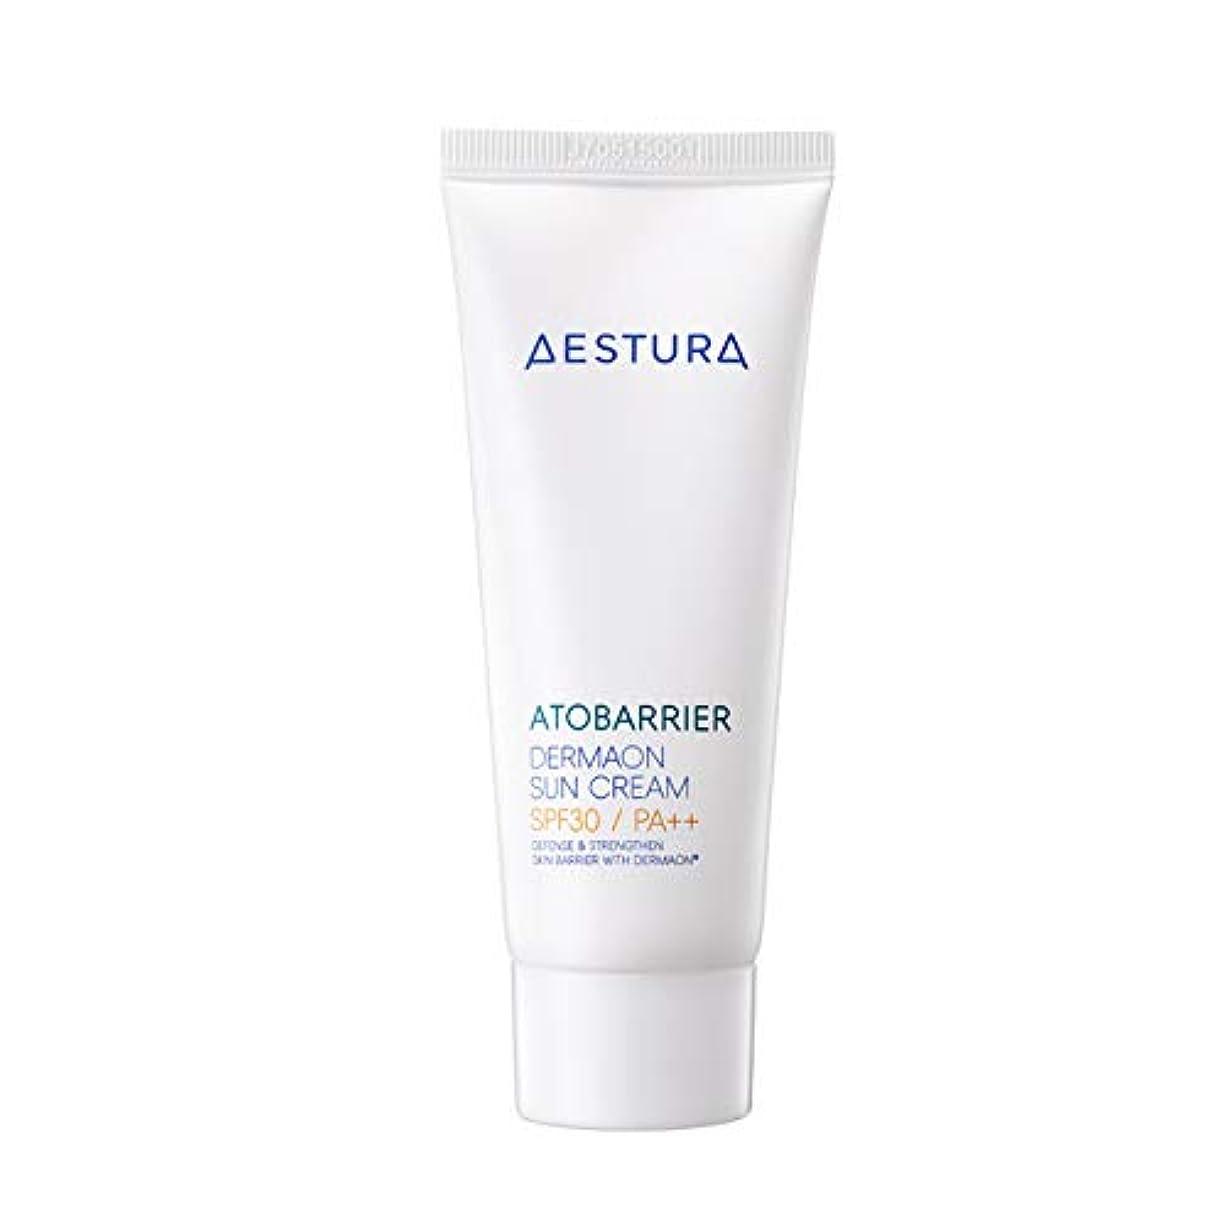 買うアピールクリケットAESTURA アトバリエ ダーマオン サンクリーム 60ml,SPF30 / PA++ Atobarrier Dermaon Sun Cream